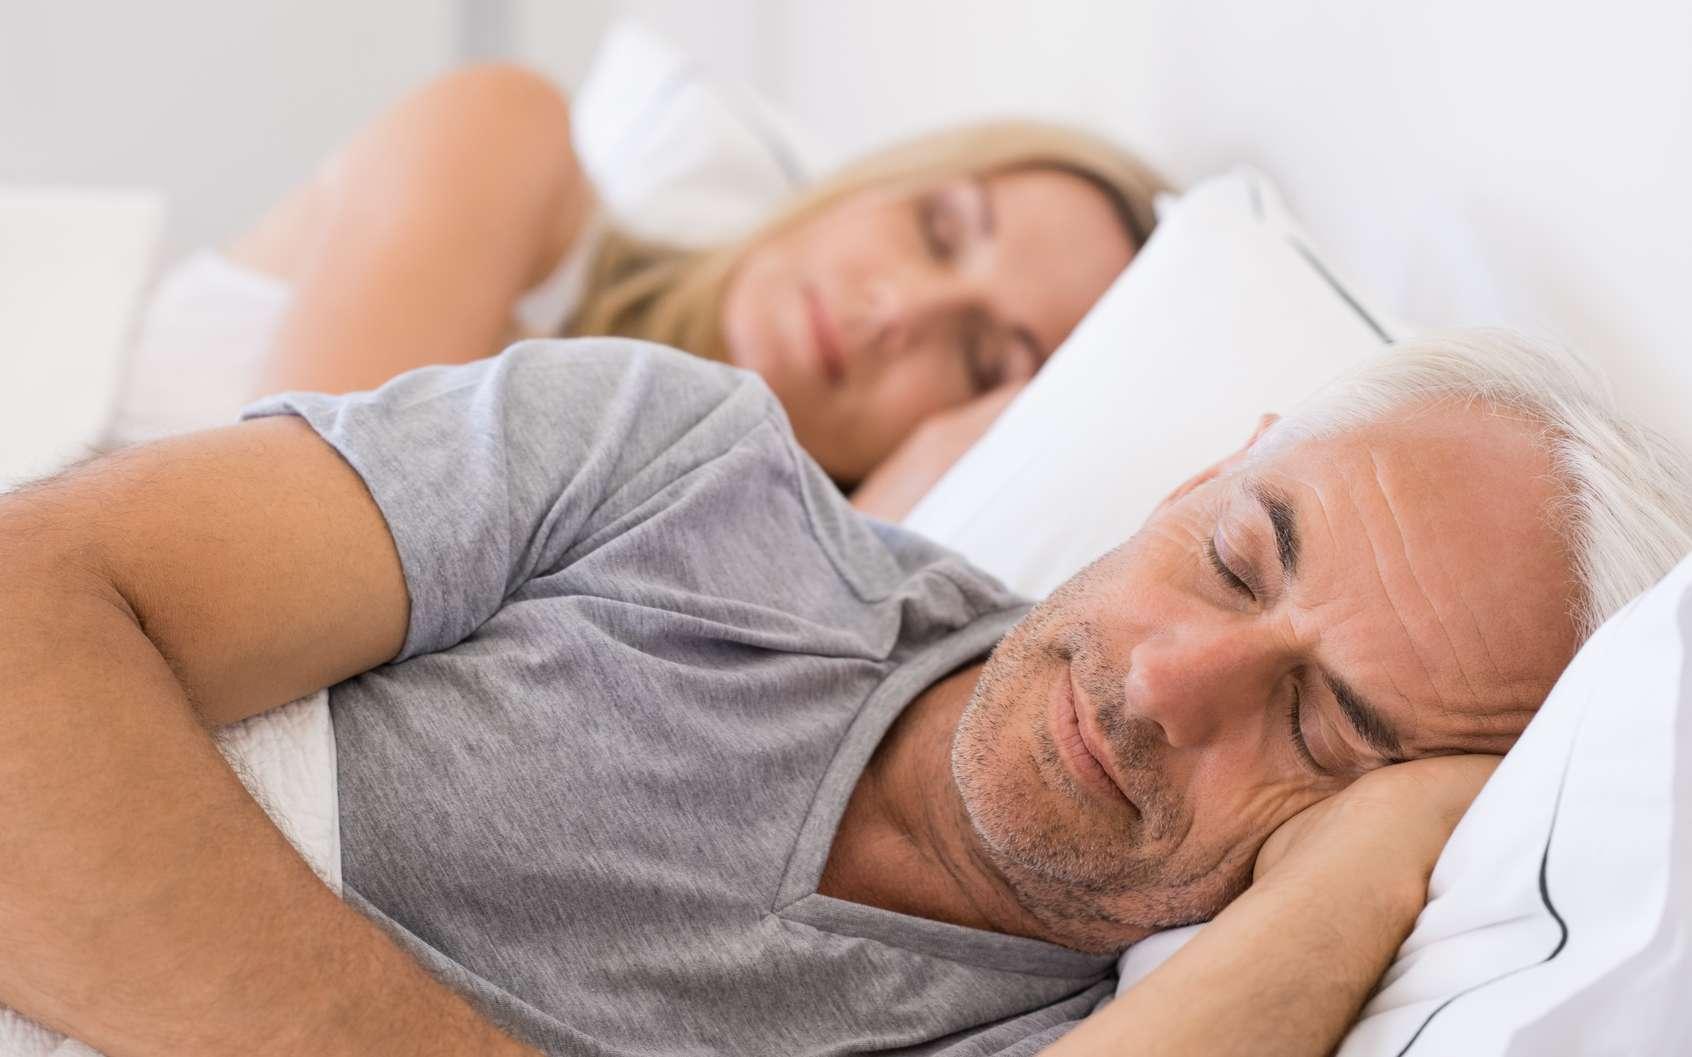 Le sommeil paradoxal serait lié à des pathologies psychologiques. © Rido, Fotolia